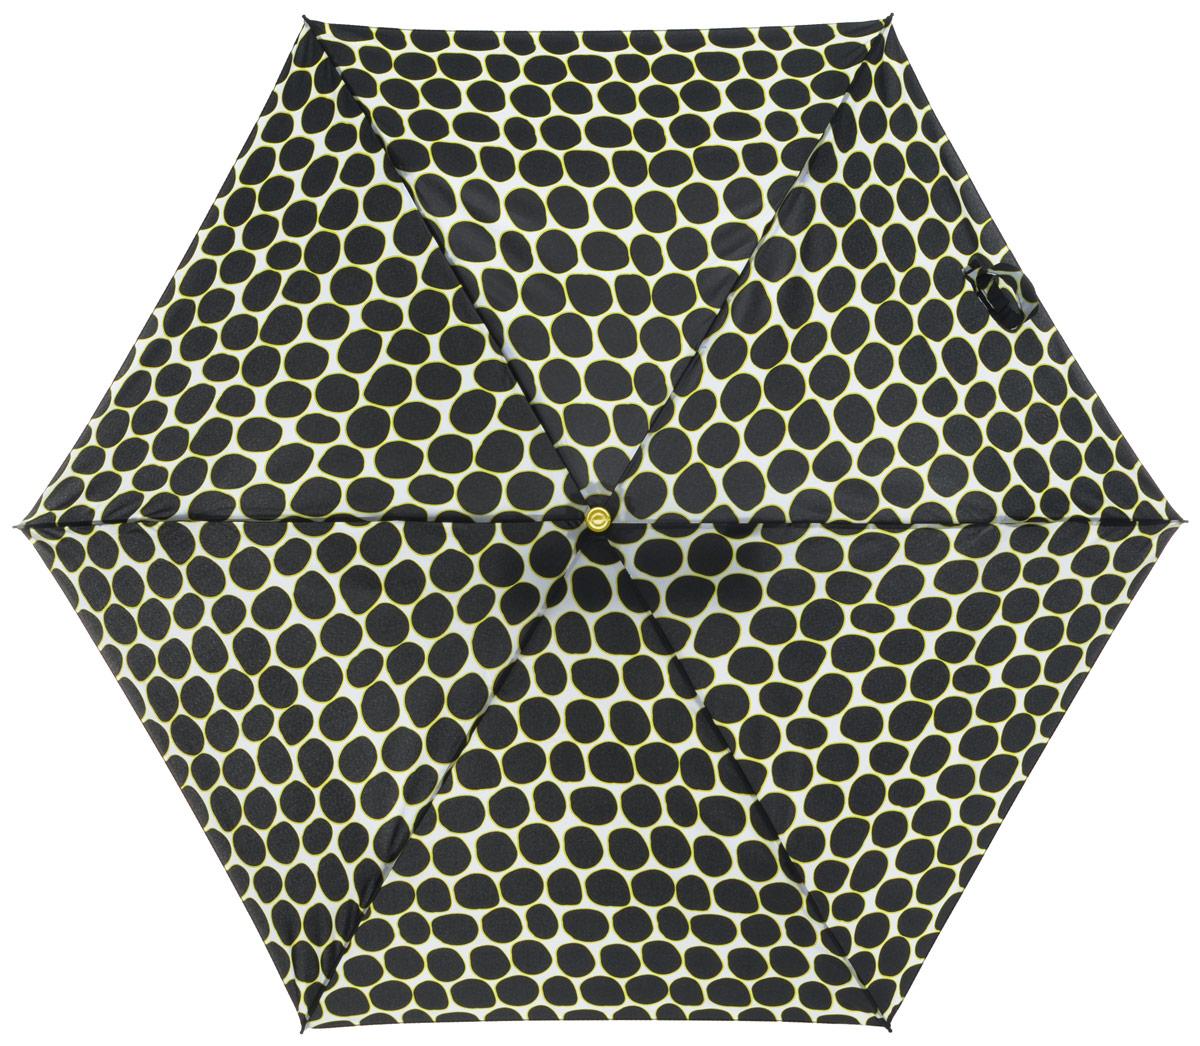 Зонт женский Labbra, автомат, 3 сложения, цвет: черный. A3-05-LR025A3-05-LR025Яркий зонт Labbra не оставит вас незамеченной. Зонт оформлен оригинальным принтом. Зонт состоит из шести спиц и стержня, изготовленных из стали, алюминия и фибергласса. Купол выполнен из качественного полиэстера и эпонжа, которые не пропускают воду. Зонт дополнен удобной ручкой из пластика. Зонт имеет автоматический механизм сложения: купол открывается и закрывается нажатием кнопки на ручке, стержень складывается вручную до характерного щелчка, благодаря чему открыть и закрыть зонт можно одной рукой. Ручка дополнена петлей, благодаря которой зонт можно носить на запястье . К зонту прилагается чехол. Удобный и практичный аксессуар даже в ненастную погоду позволит вам оставаться стильной и элегантной.